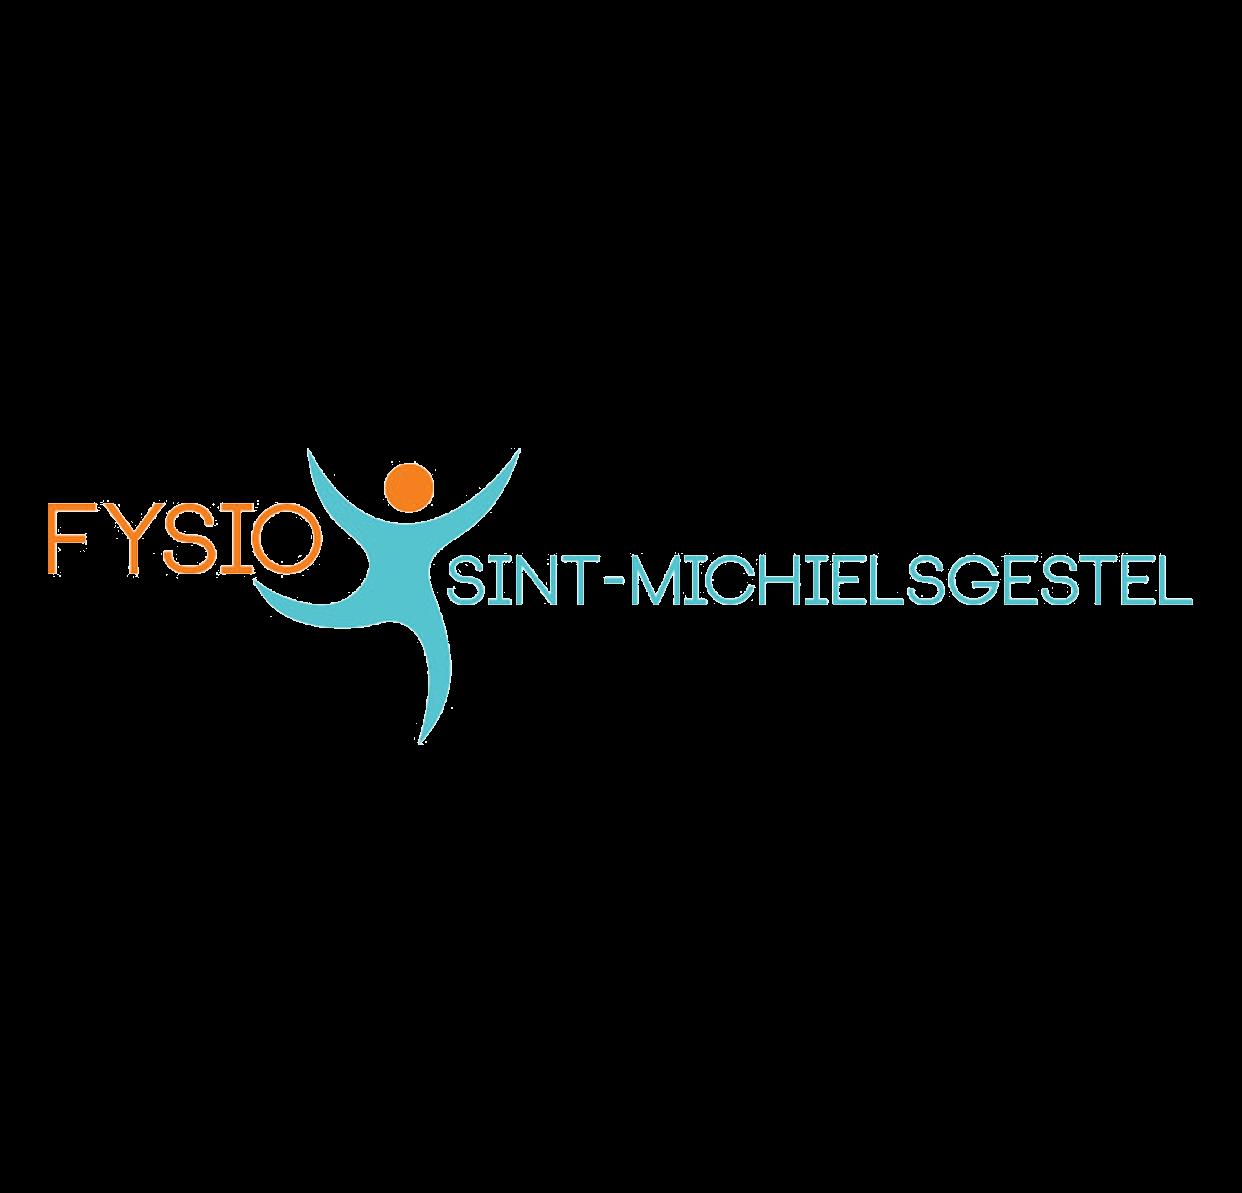 Fysio Sint-Michielsgestel - Vrij Scherp